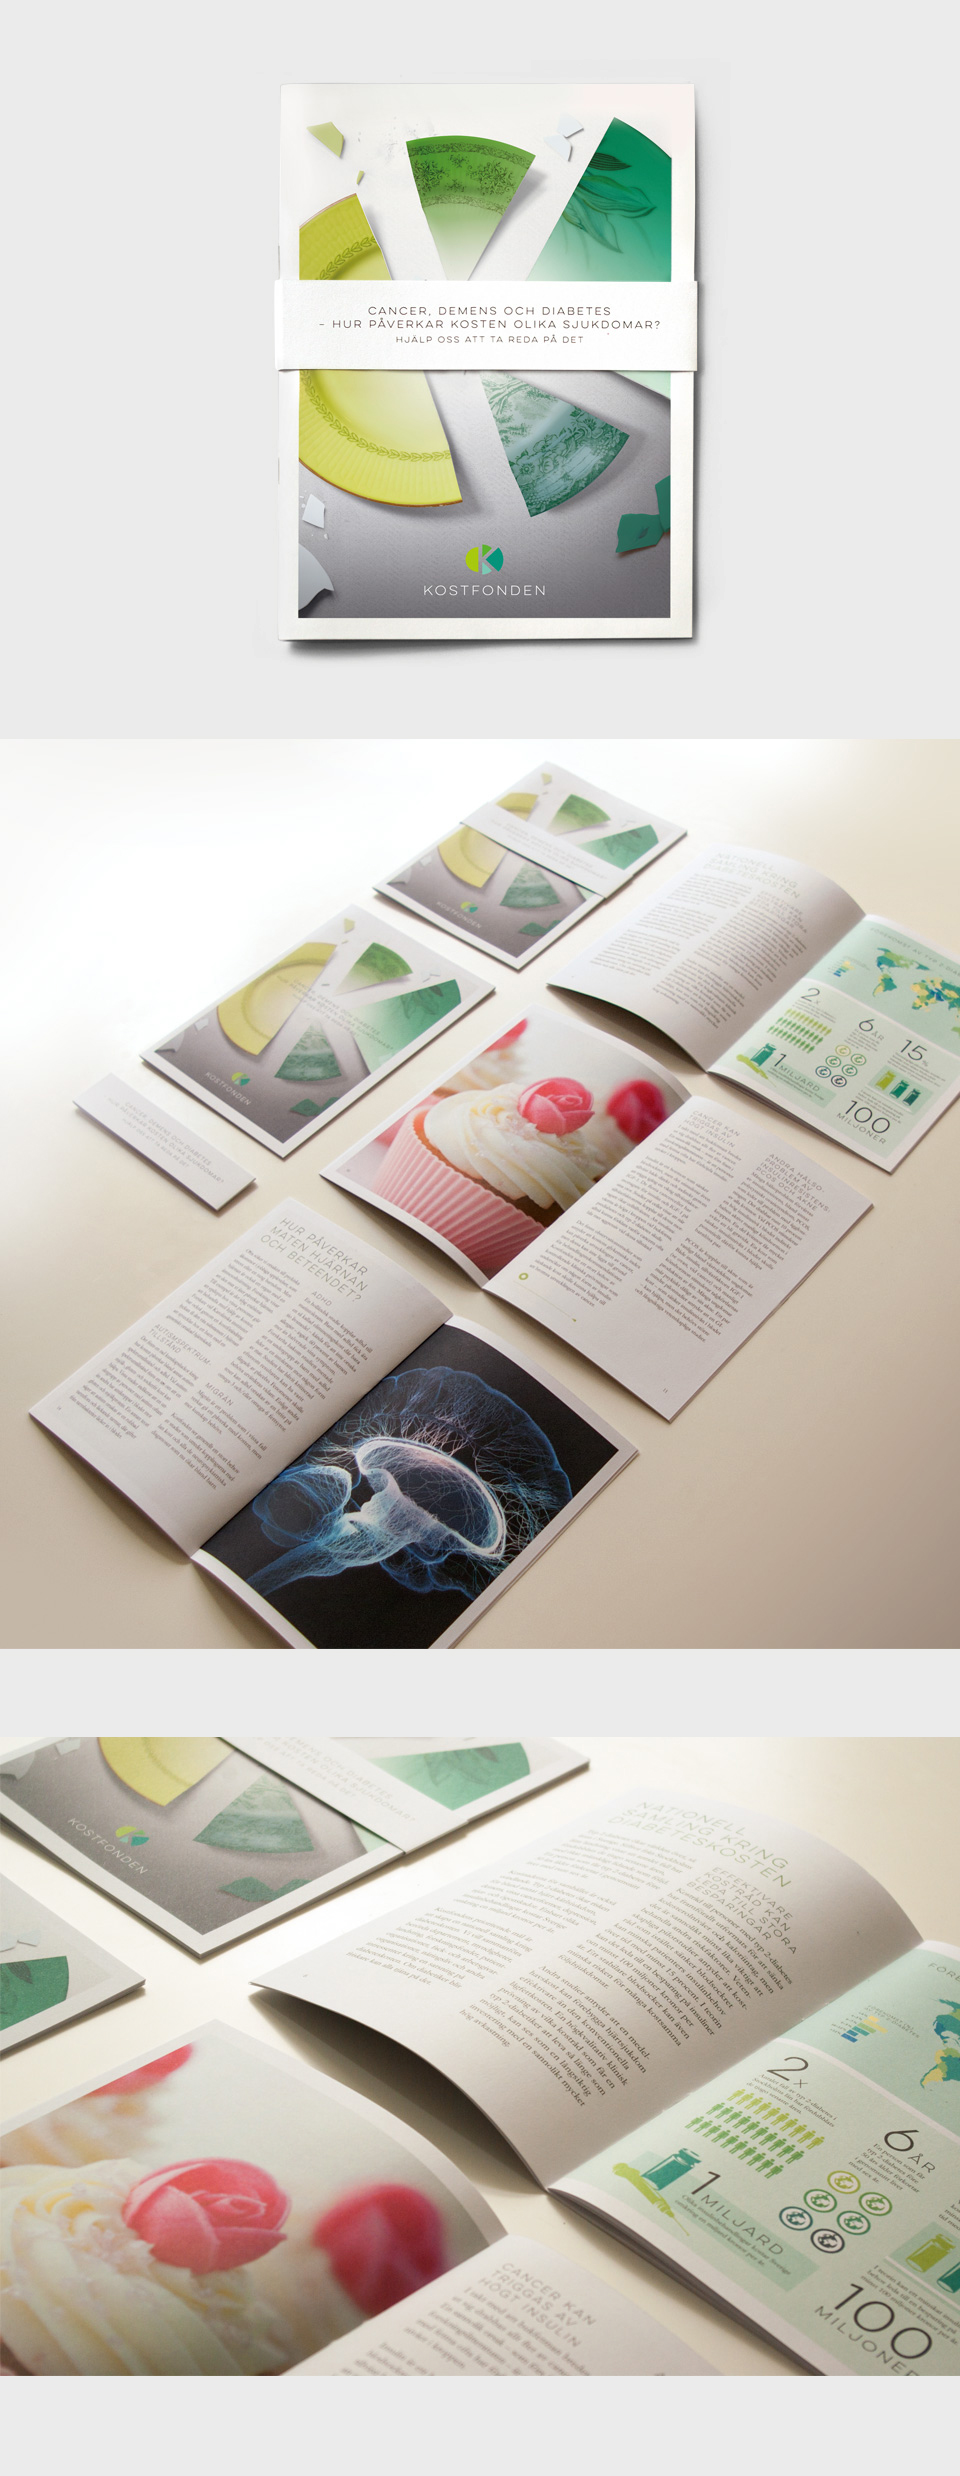 Kostfonden broschyr